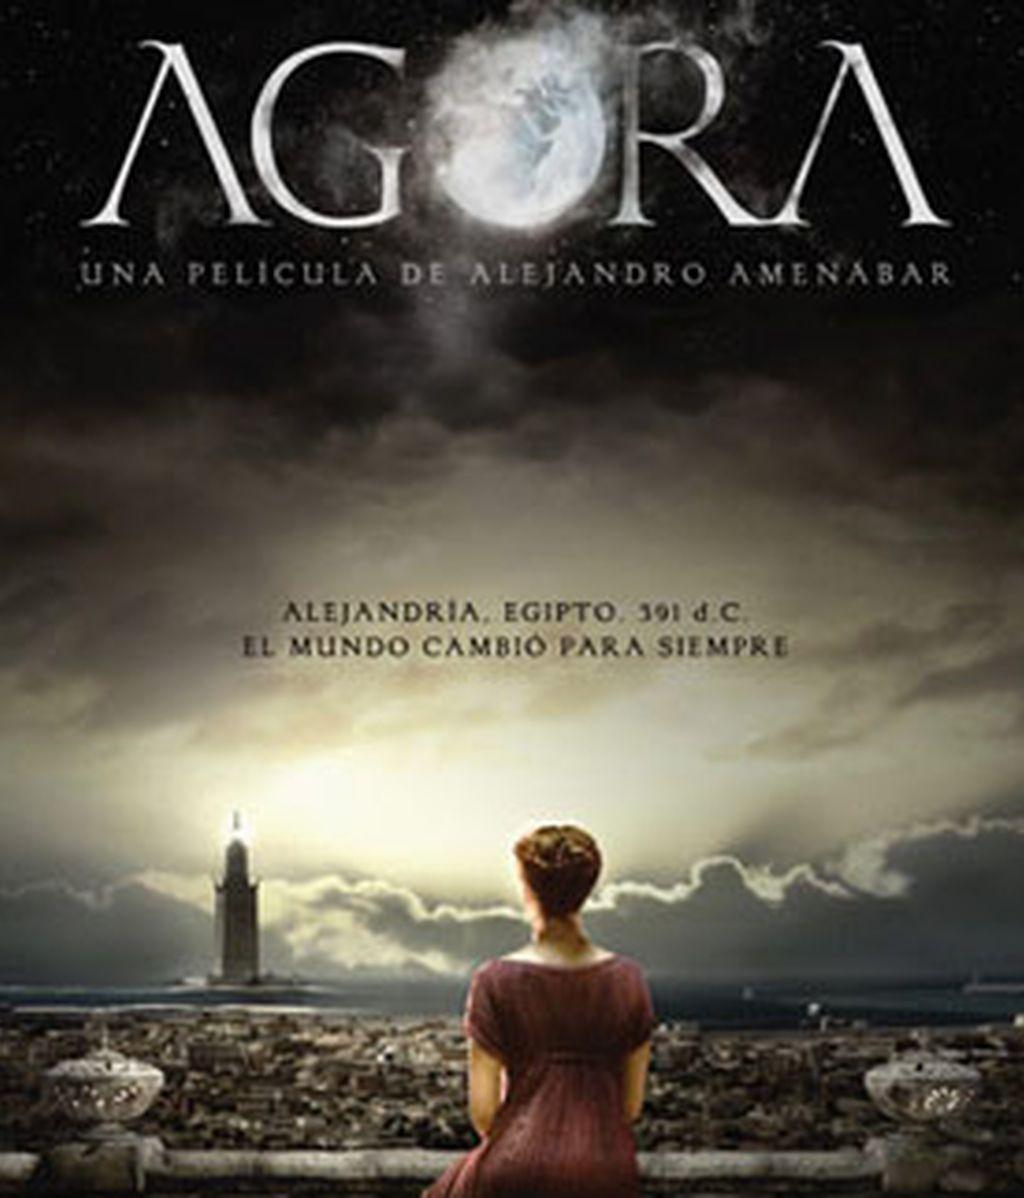 El cartel de promoción de la película